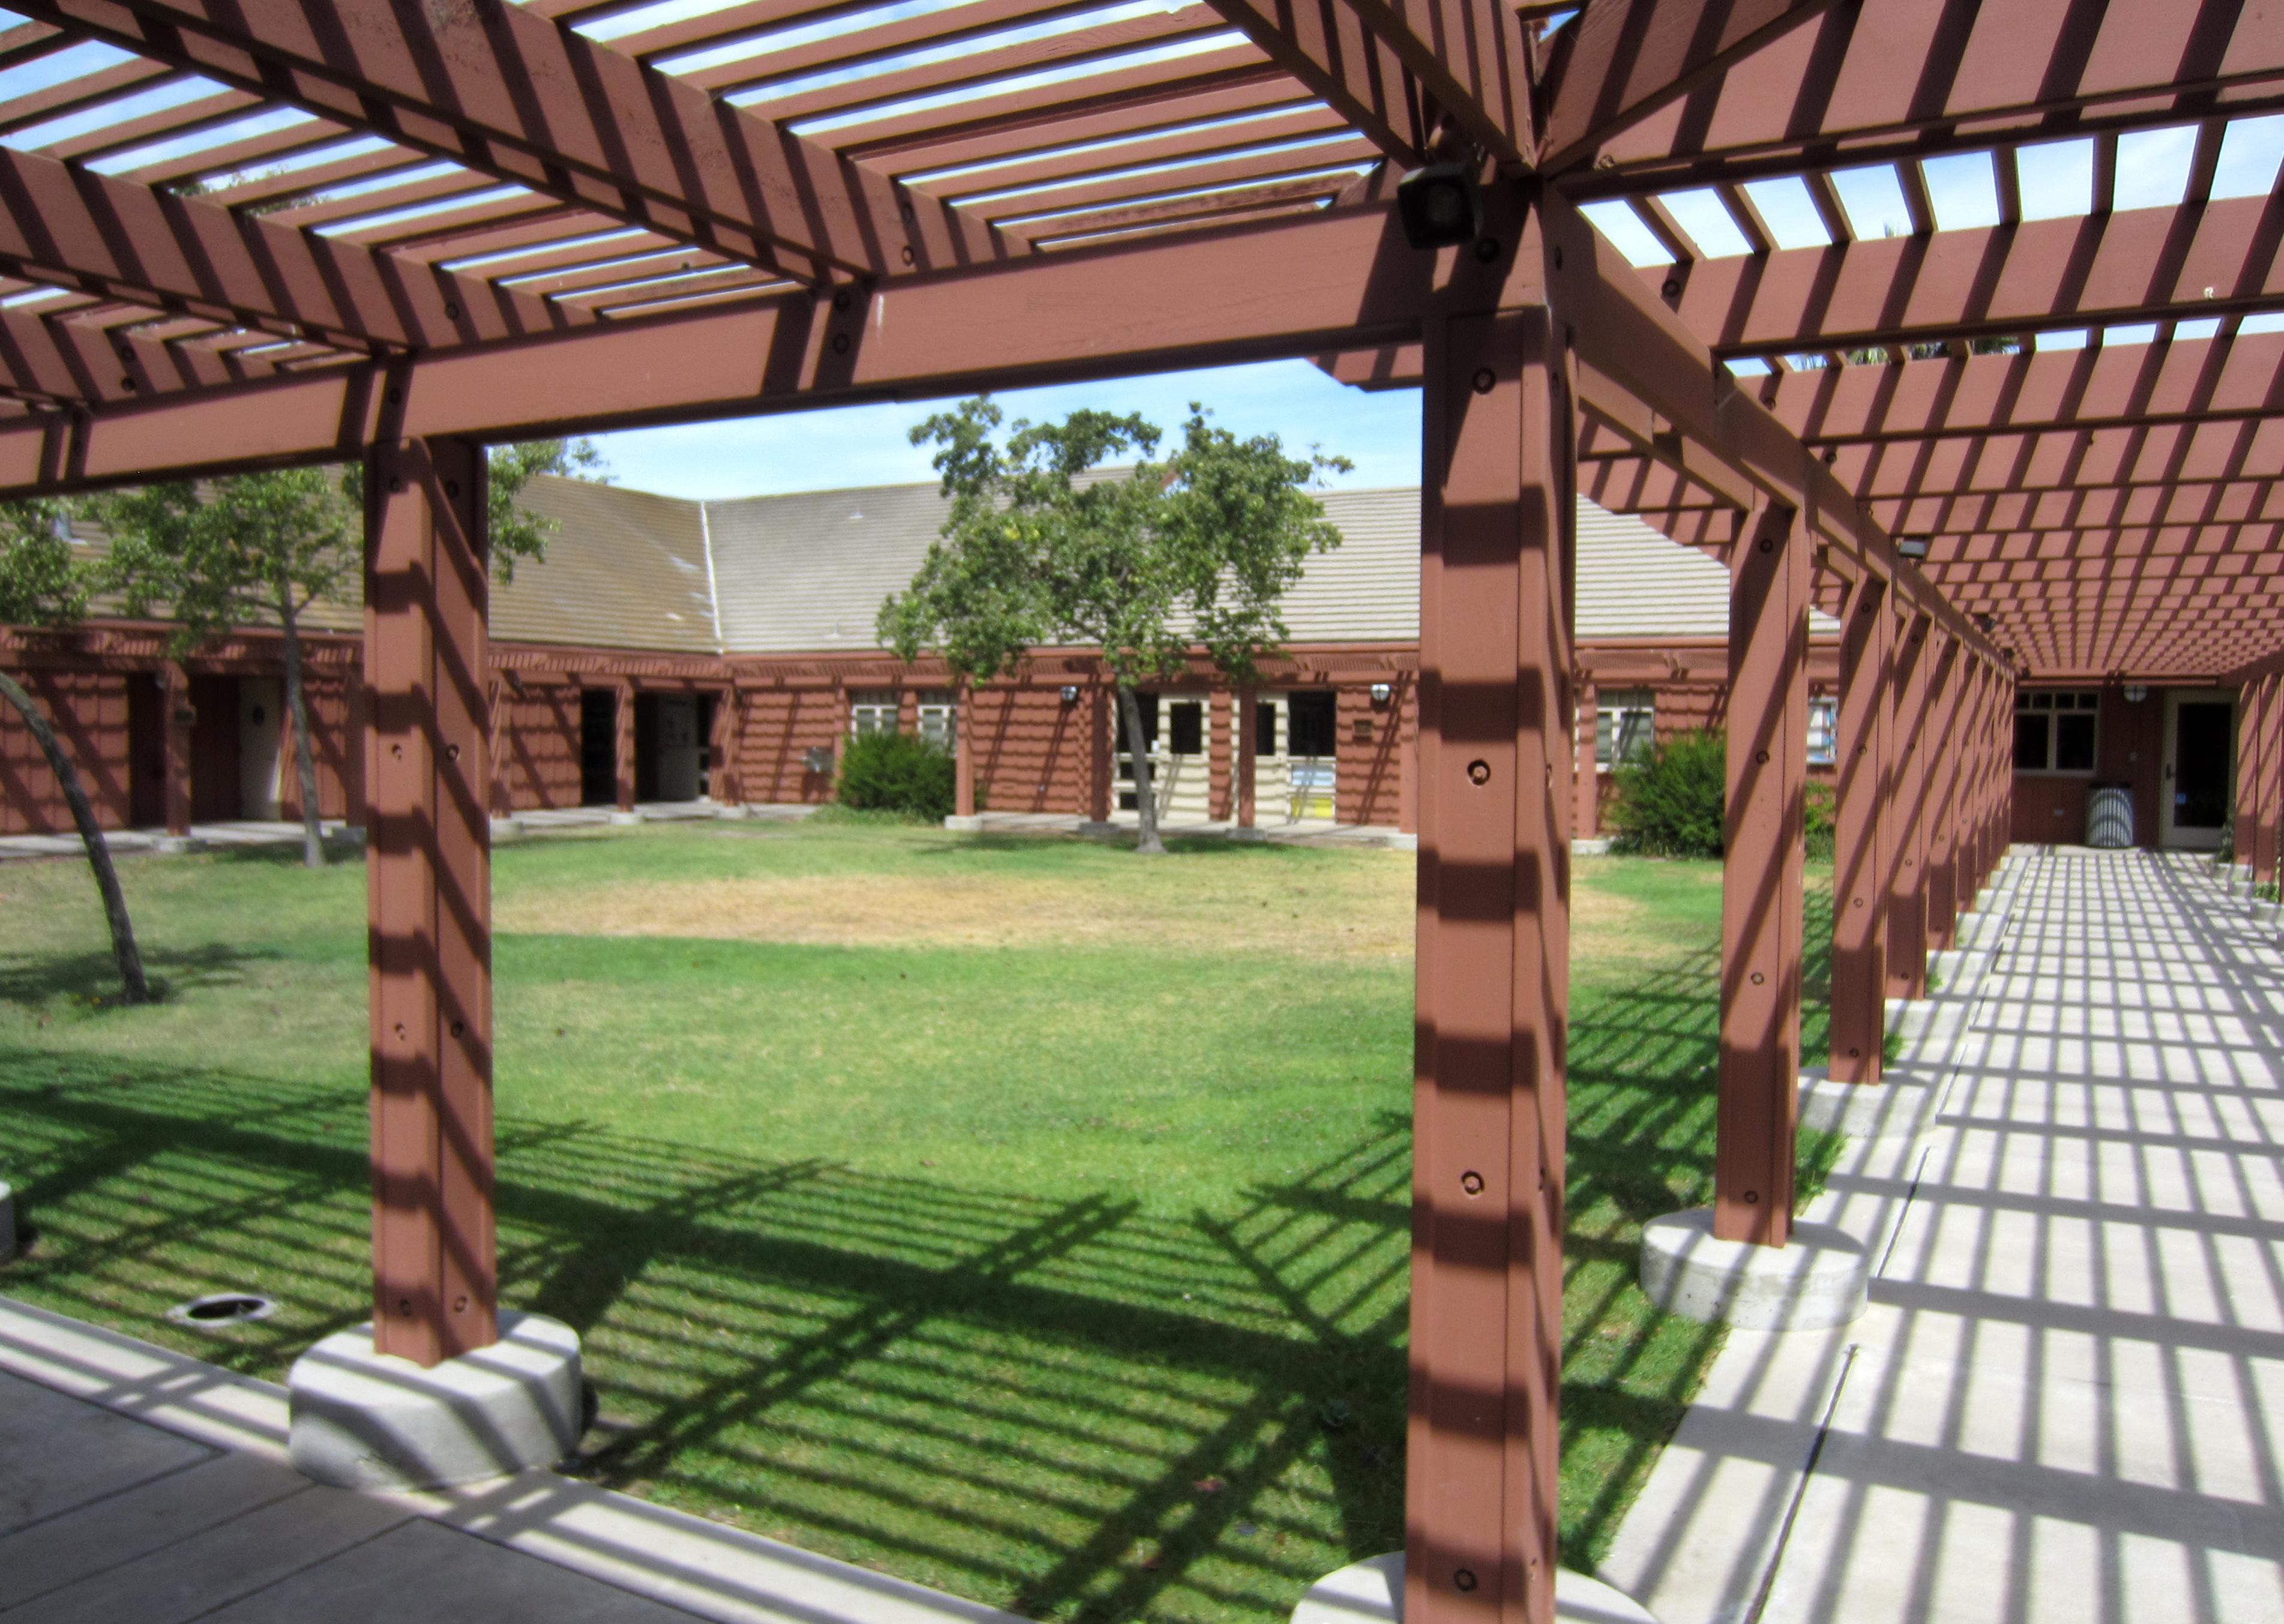 Casa Pacifica's Non Public School